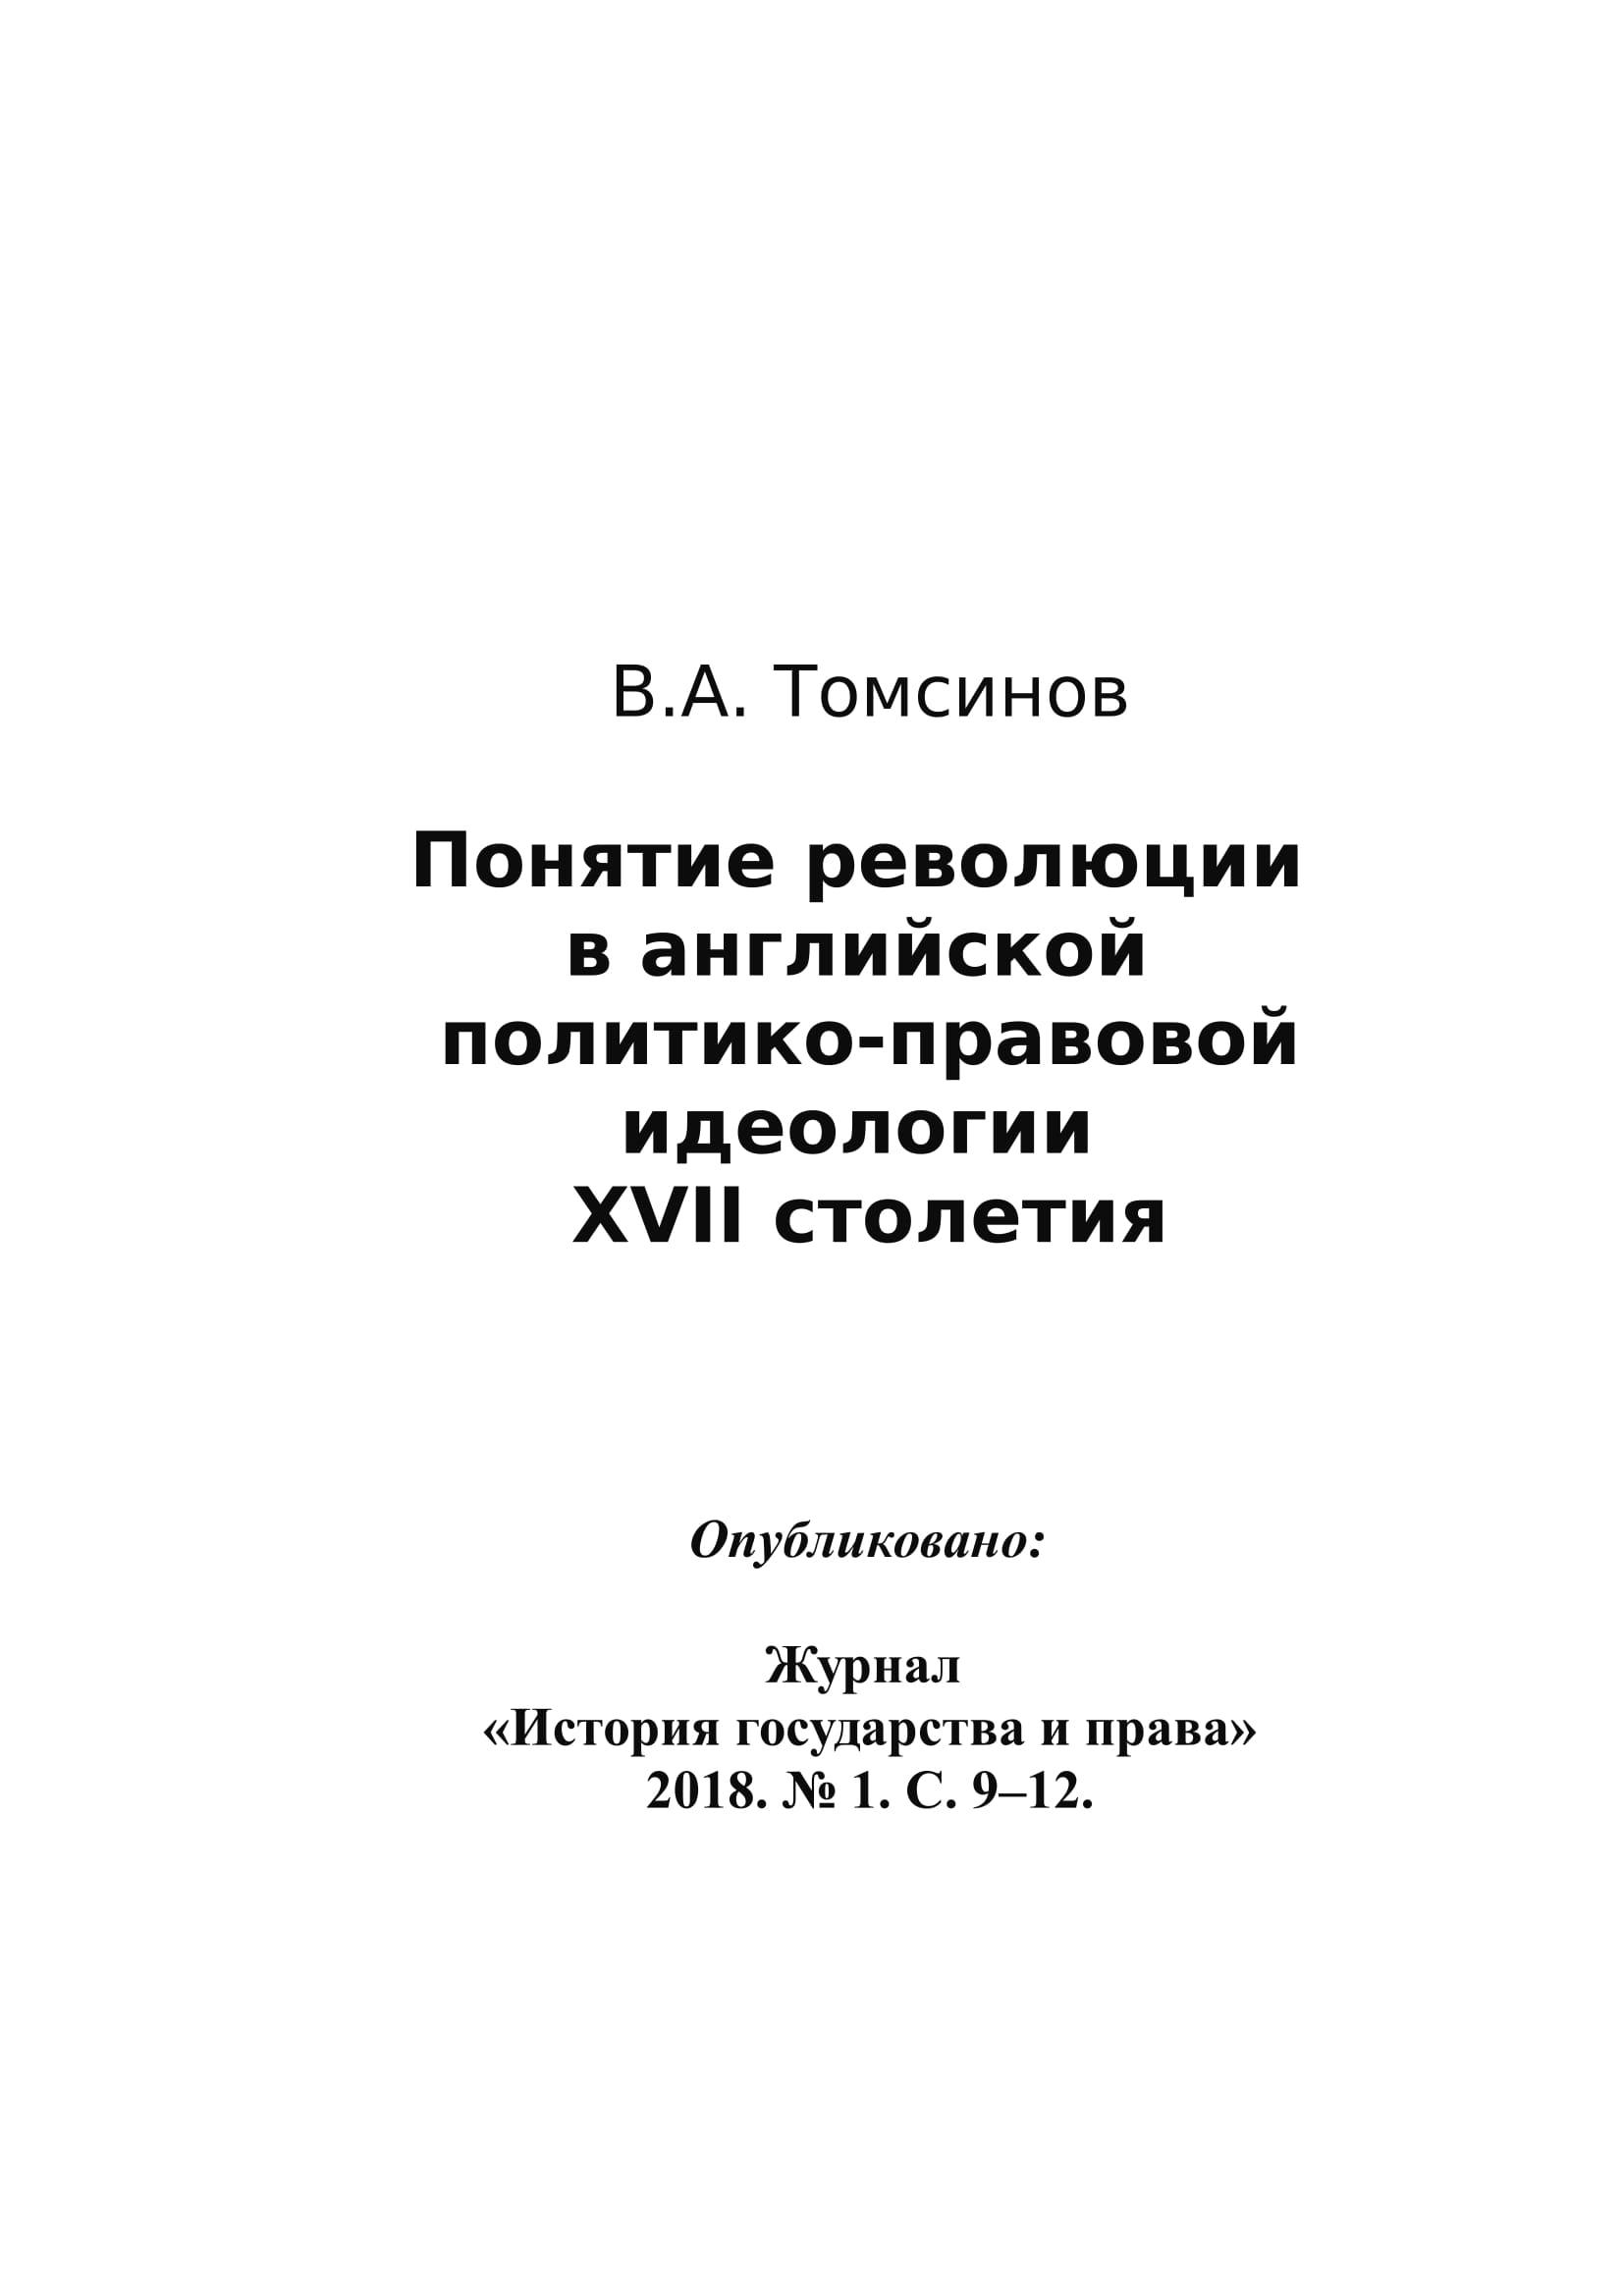 Томсинов В.А. Понятие революции в английской идеологии XVII в.